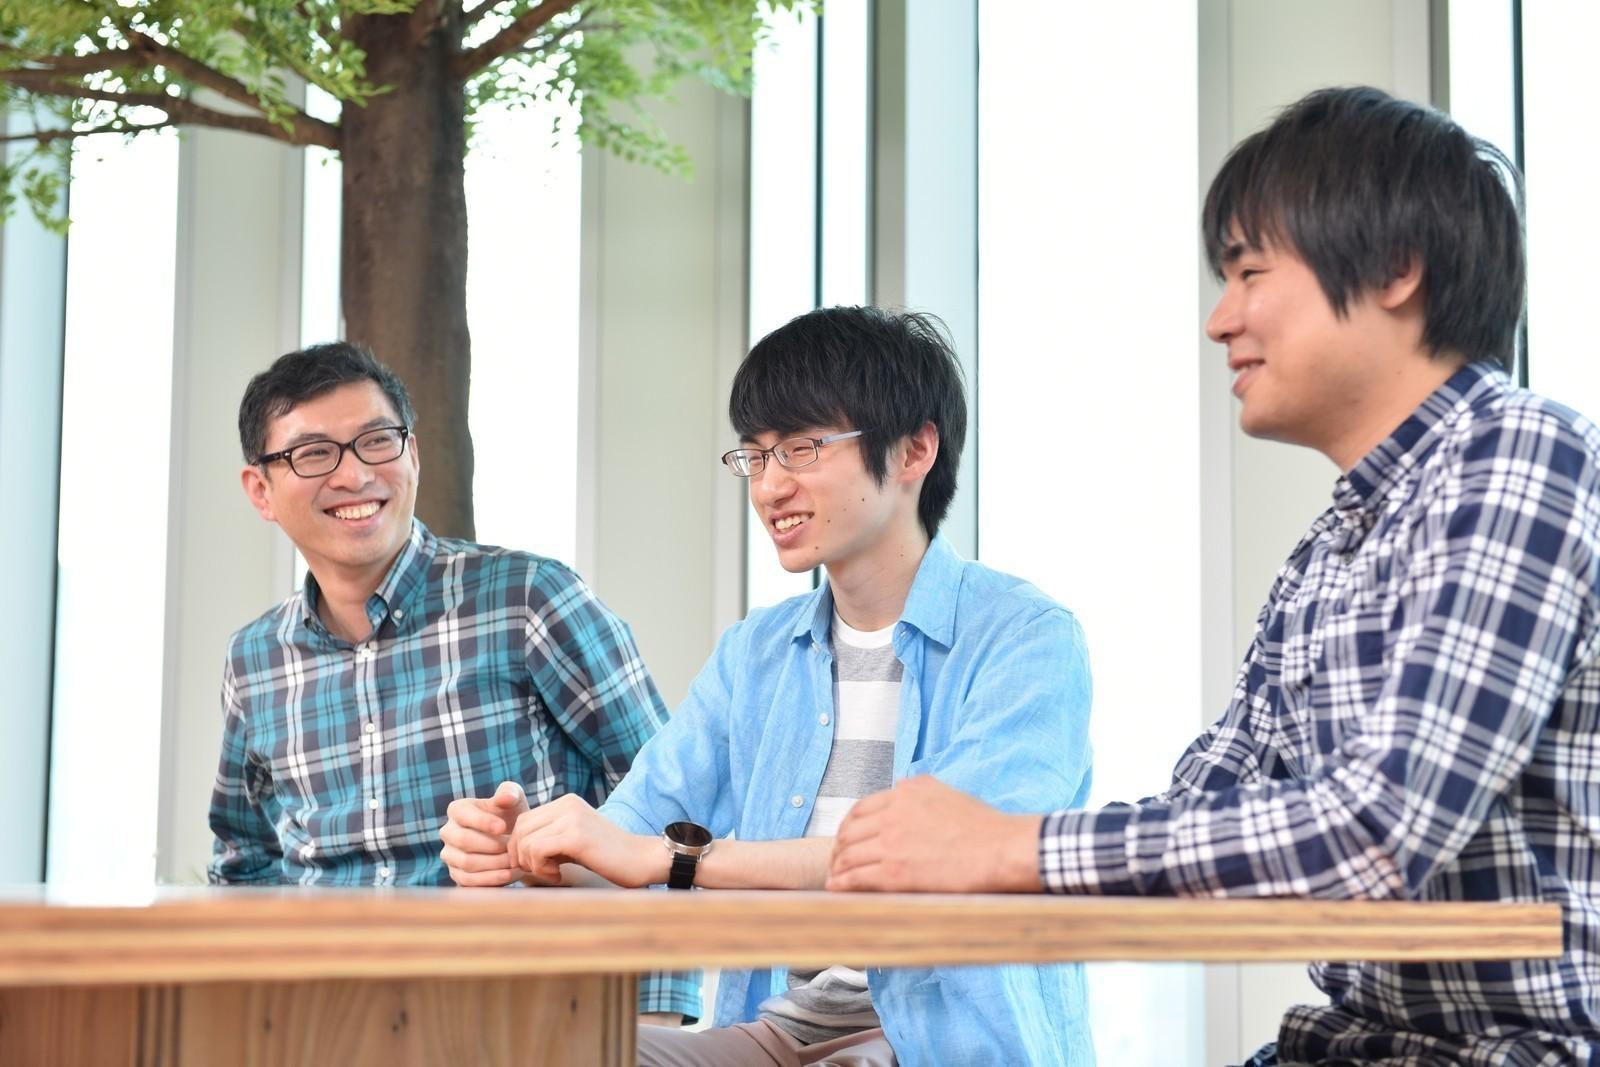 【テックリード】 IDCFクラウドをもっと使いやすくパワフルにしたいリードエンジニアを募集!